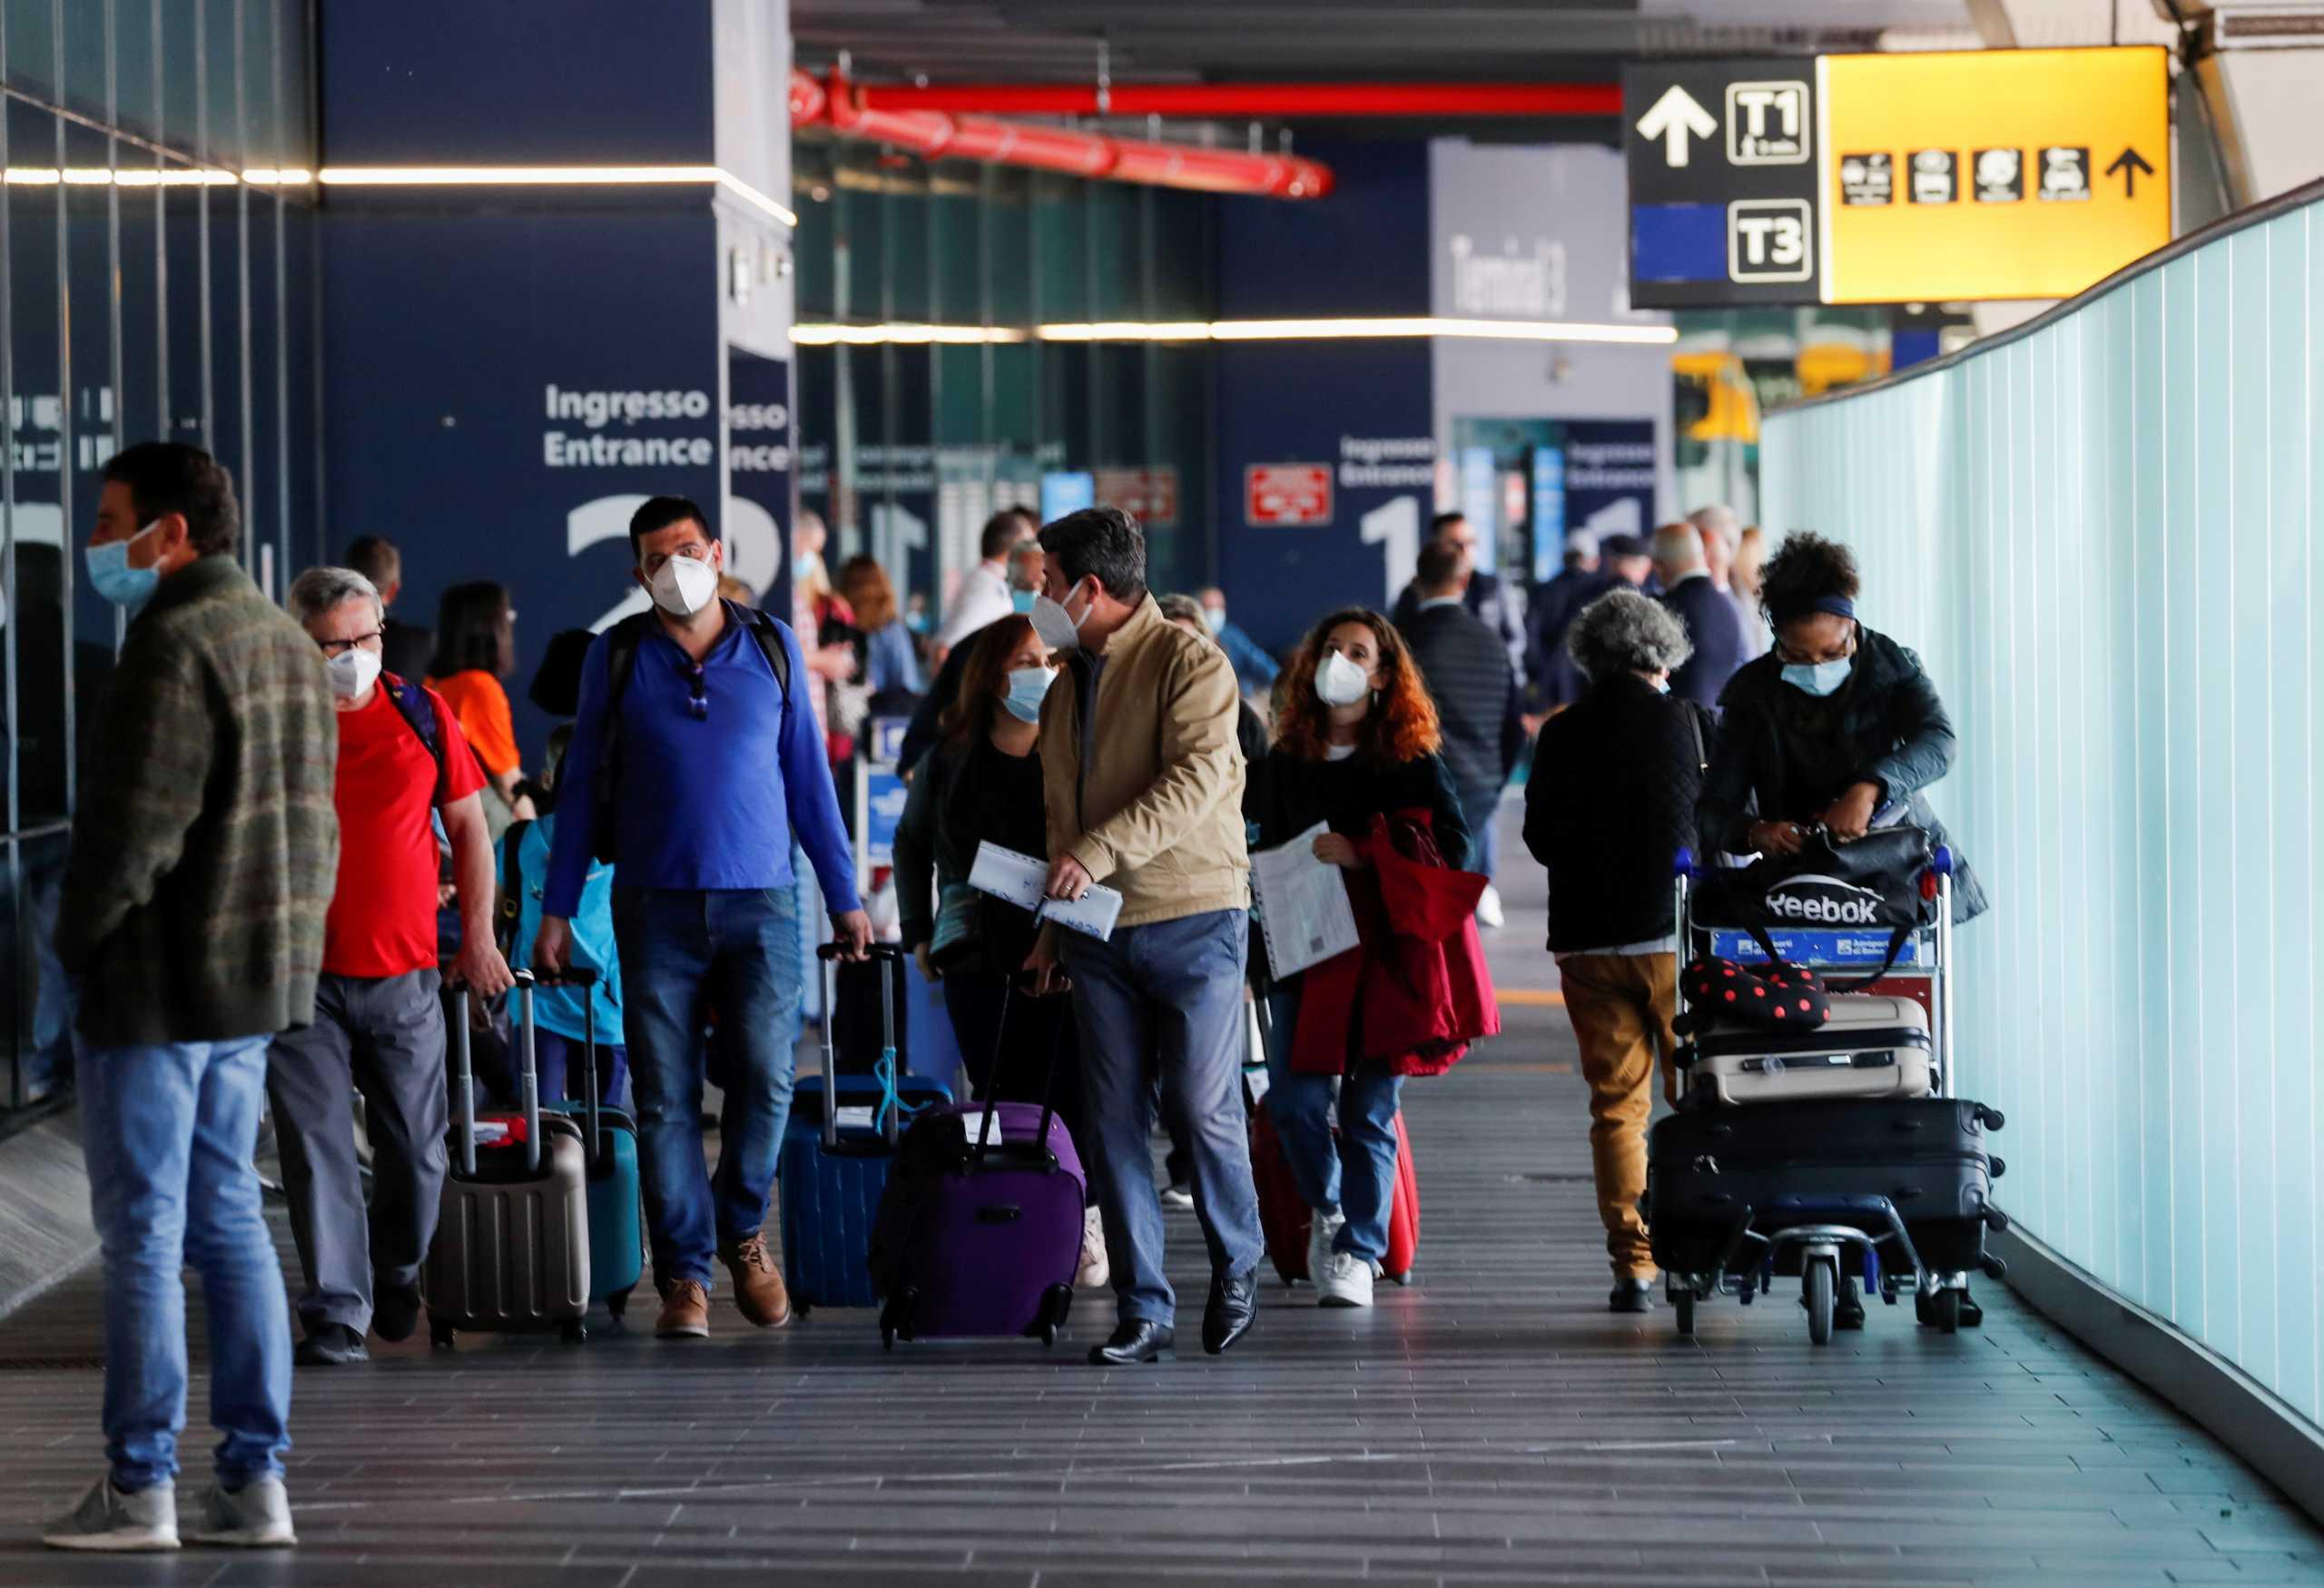 Βρετανία: Εντείνονται οι πιέσεις στην κυβέρνηση για να χαλαρώσει τους ταξιδιωτικούς περιορισμούς